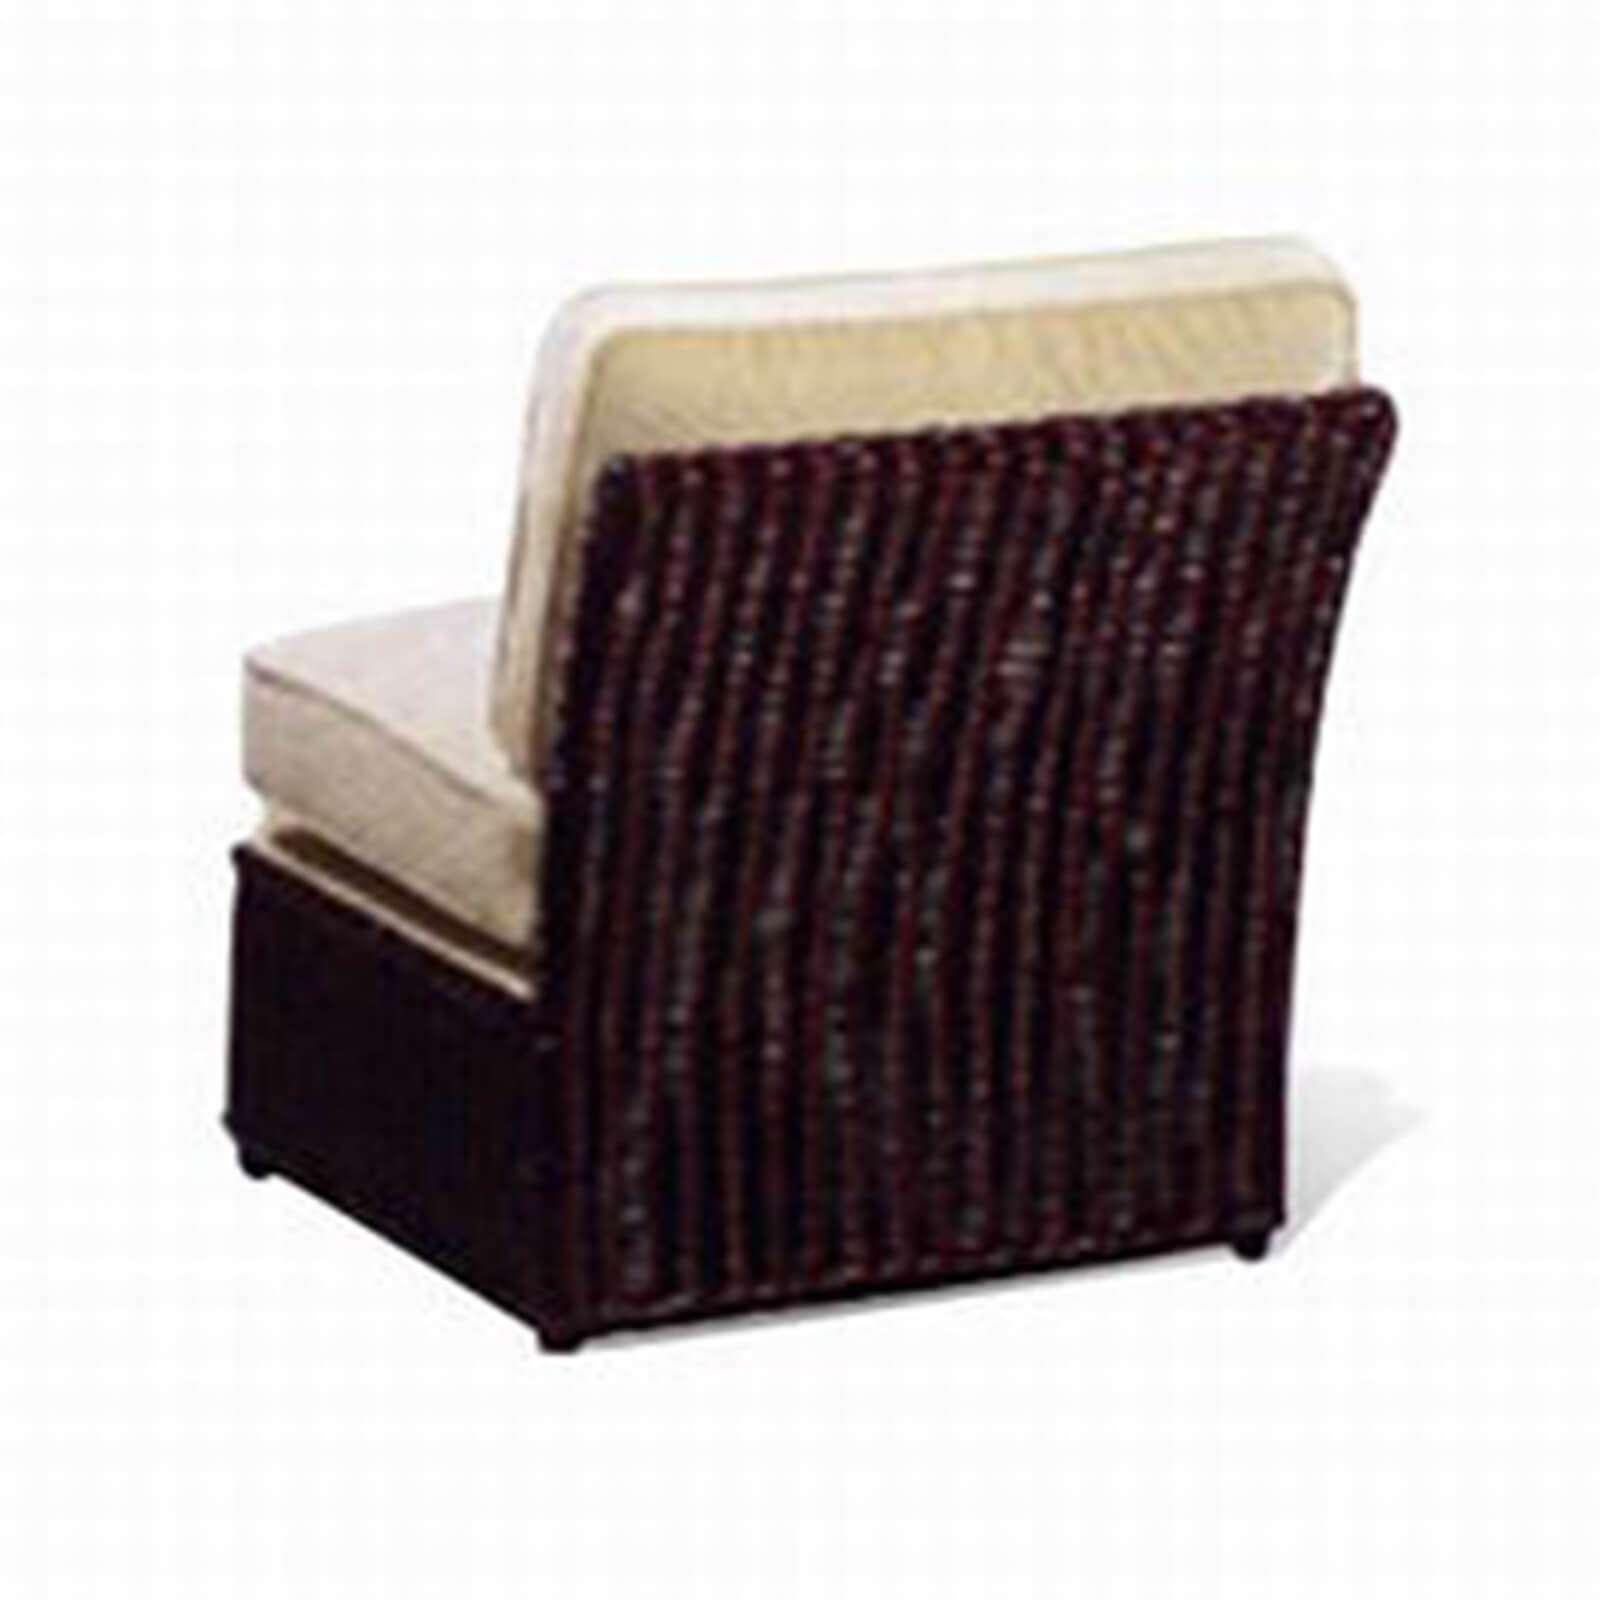 rattan furniture, rattan chair, colonial furniture, slipper chair